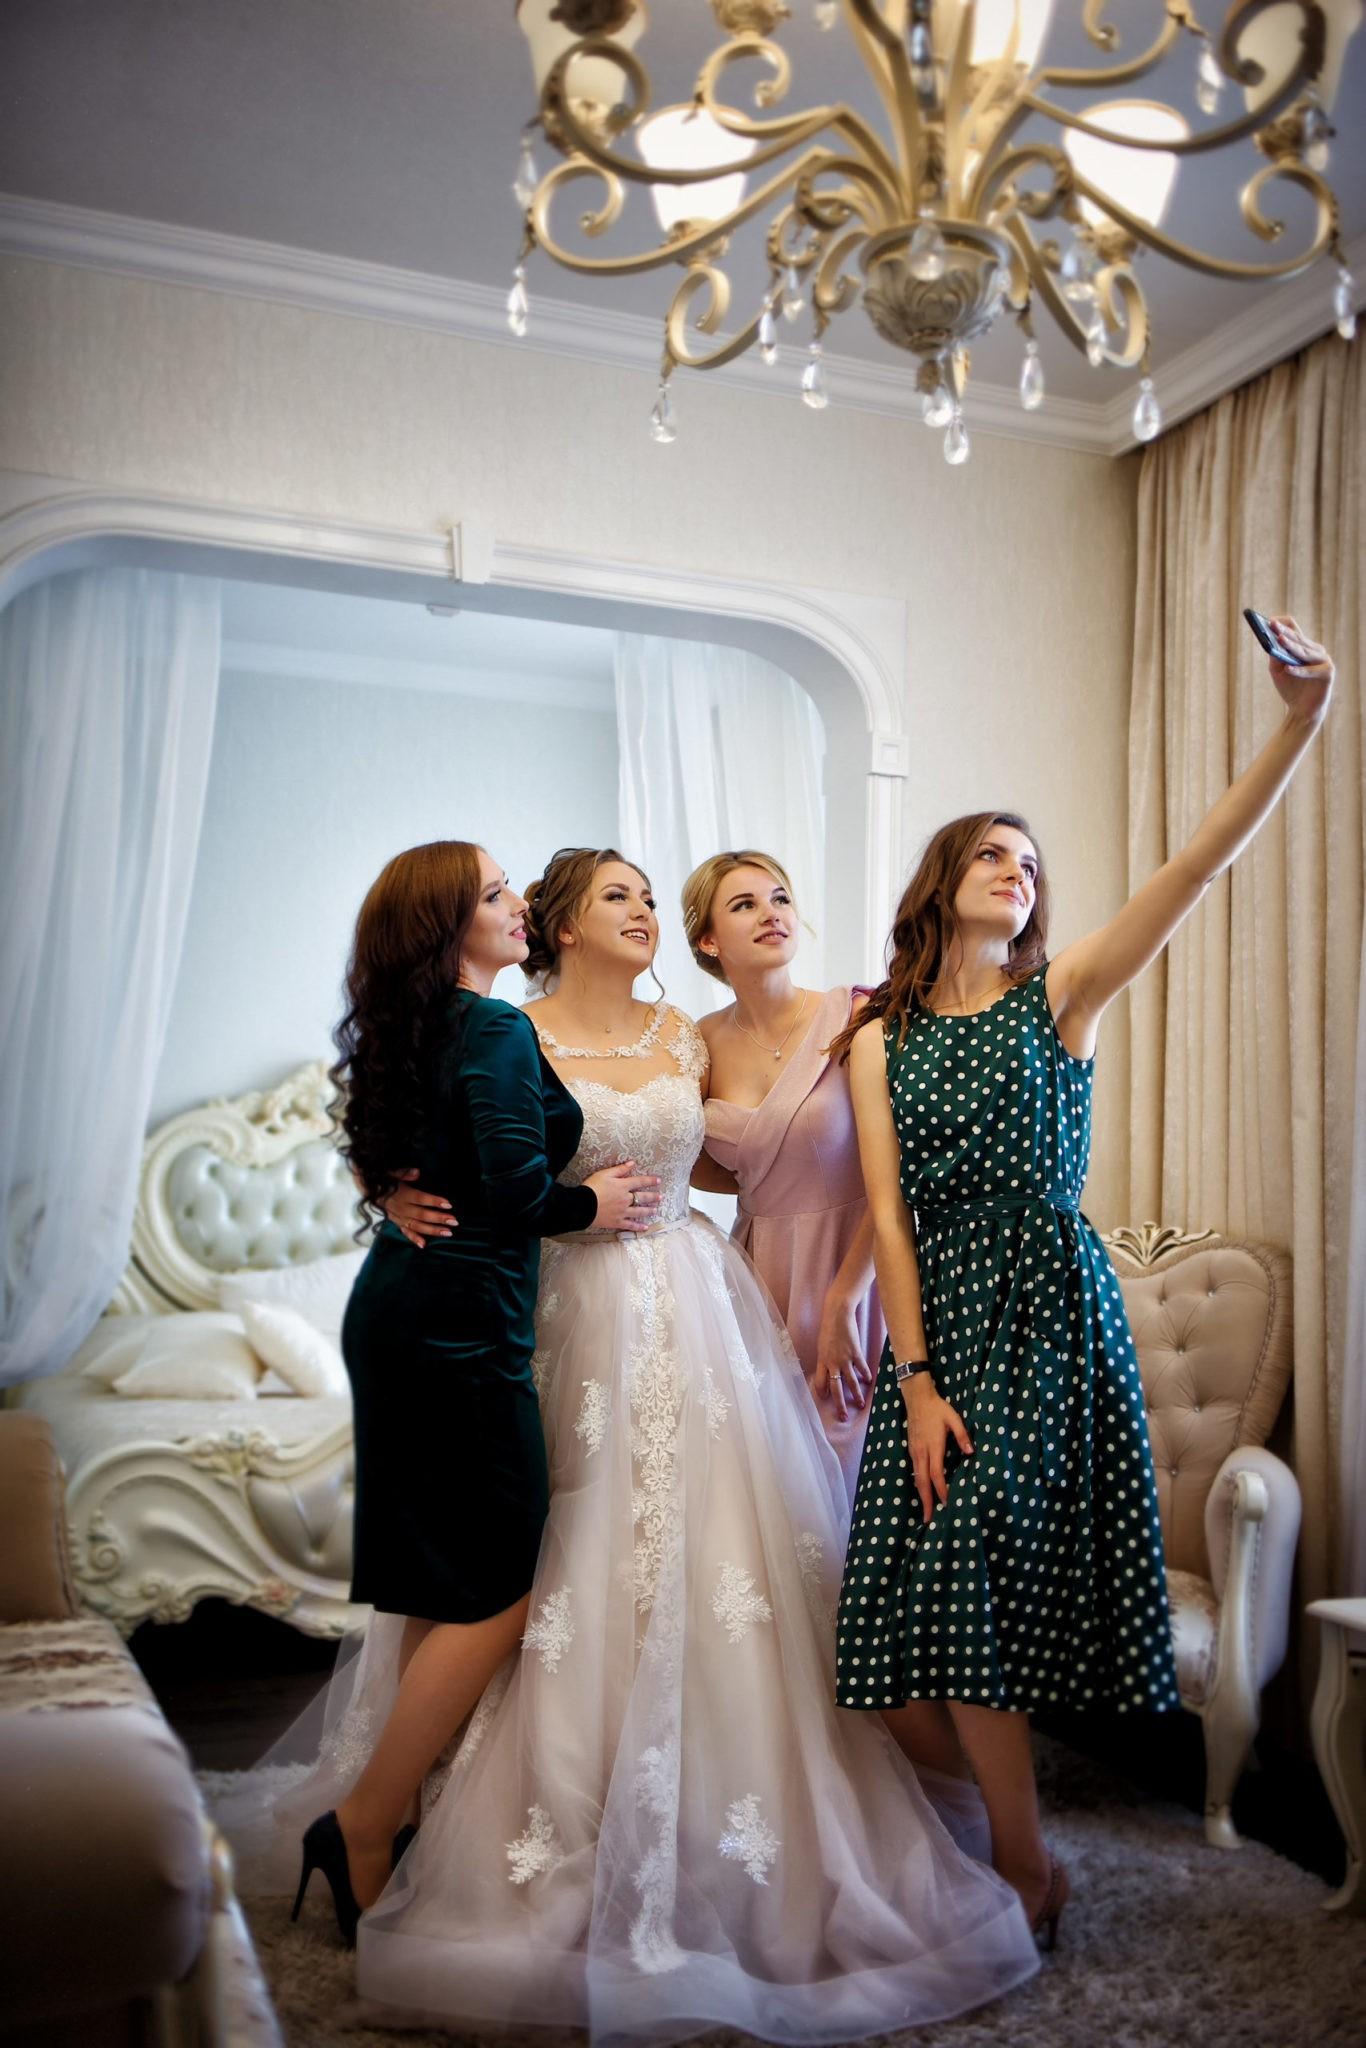 Съемка в ст. Выселки от свадебного фотографа: сборы невесты, подружки невесты